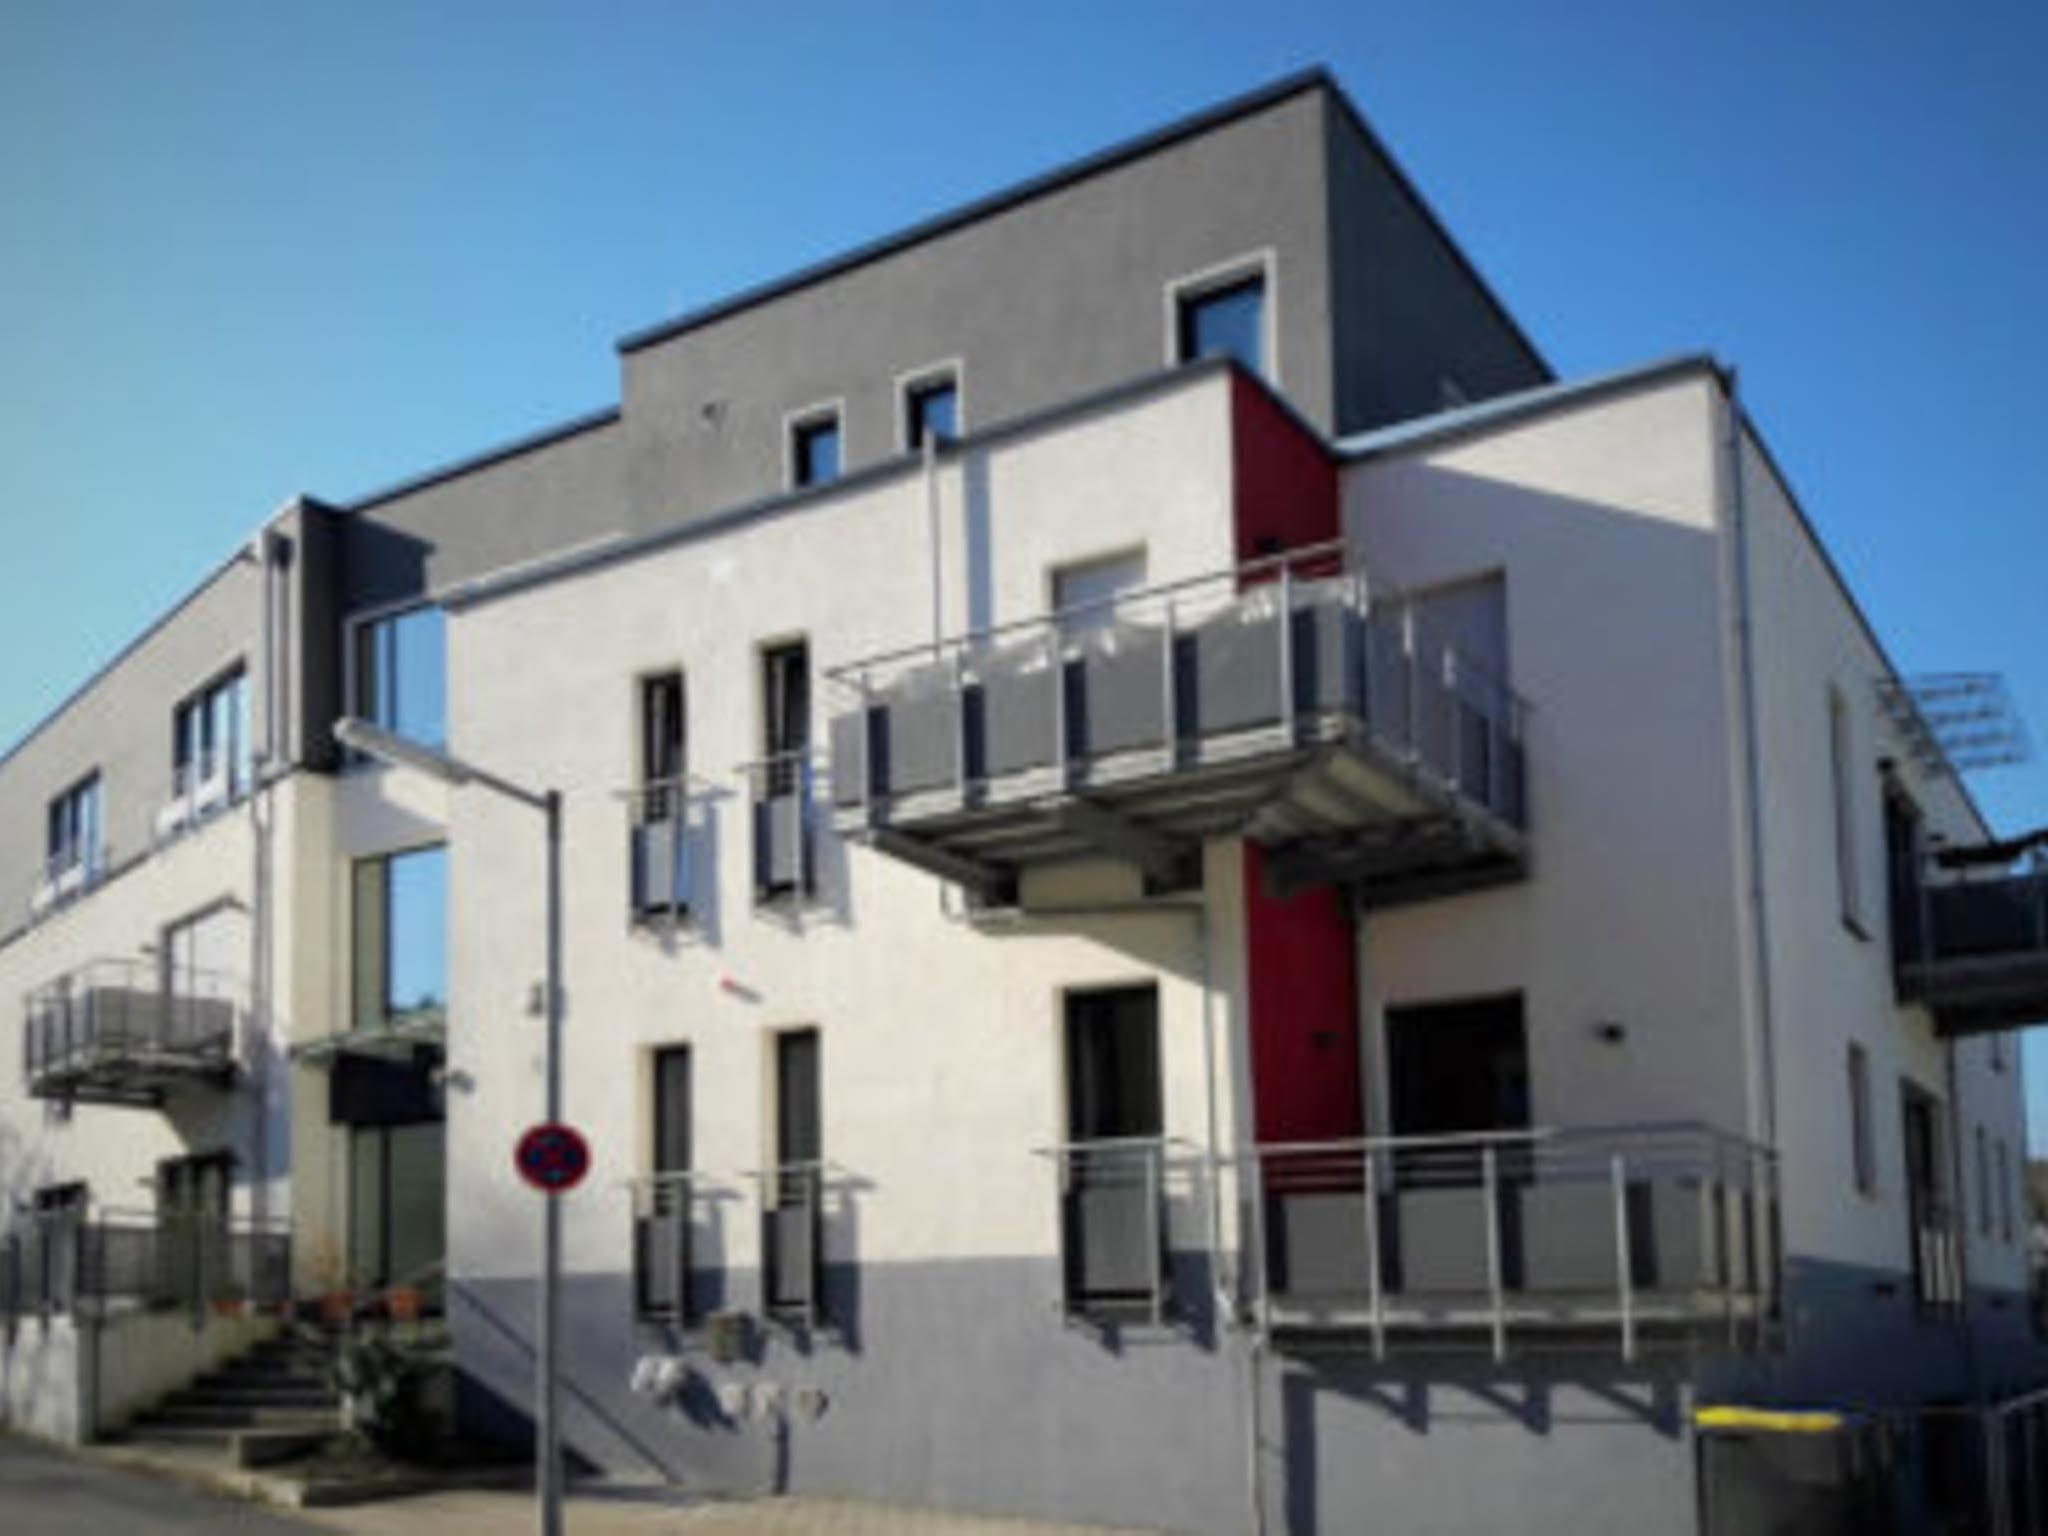 BauKultur: Aufstockung eines Wohngebäudes in Hemer